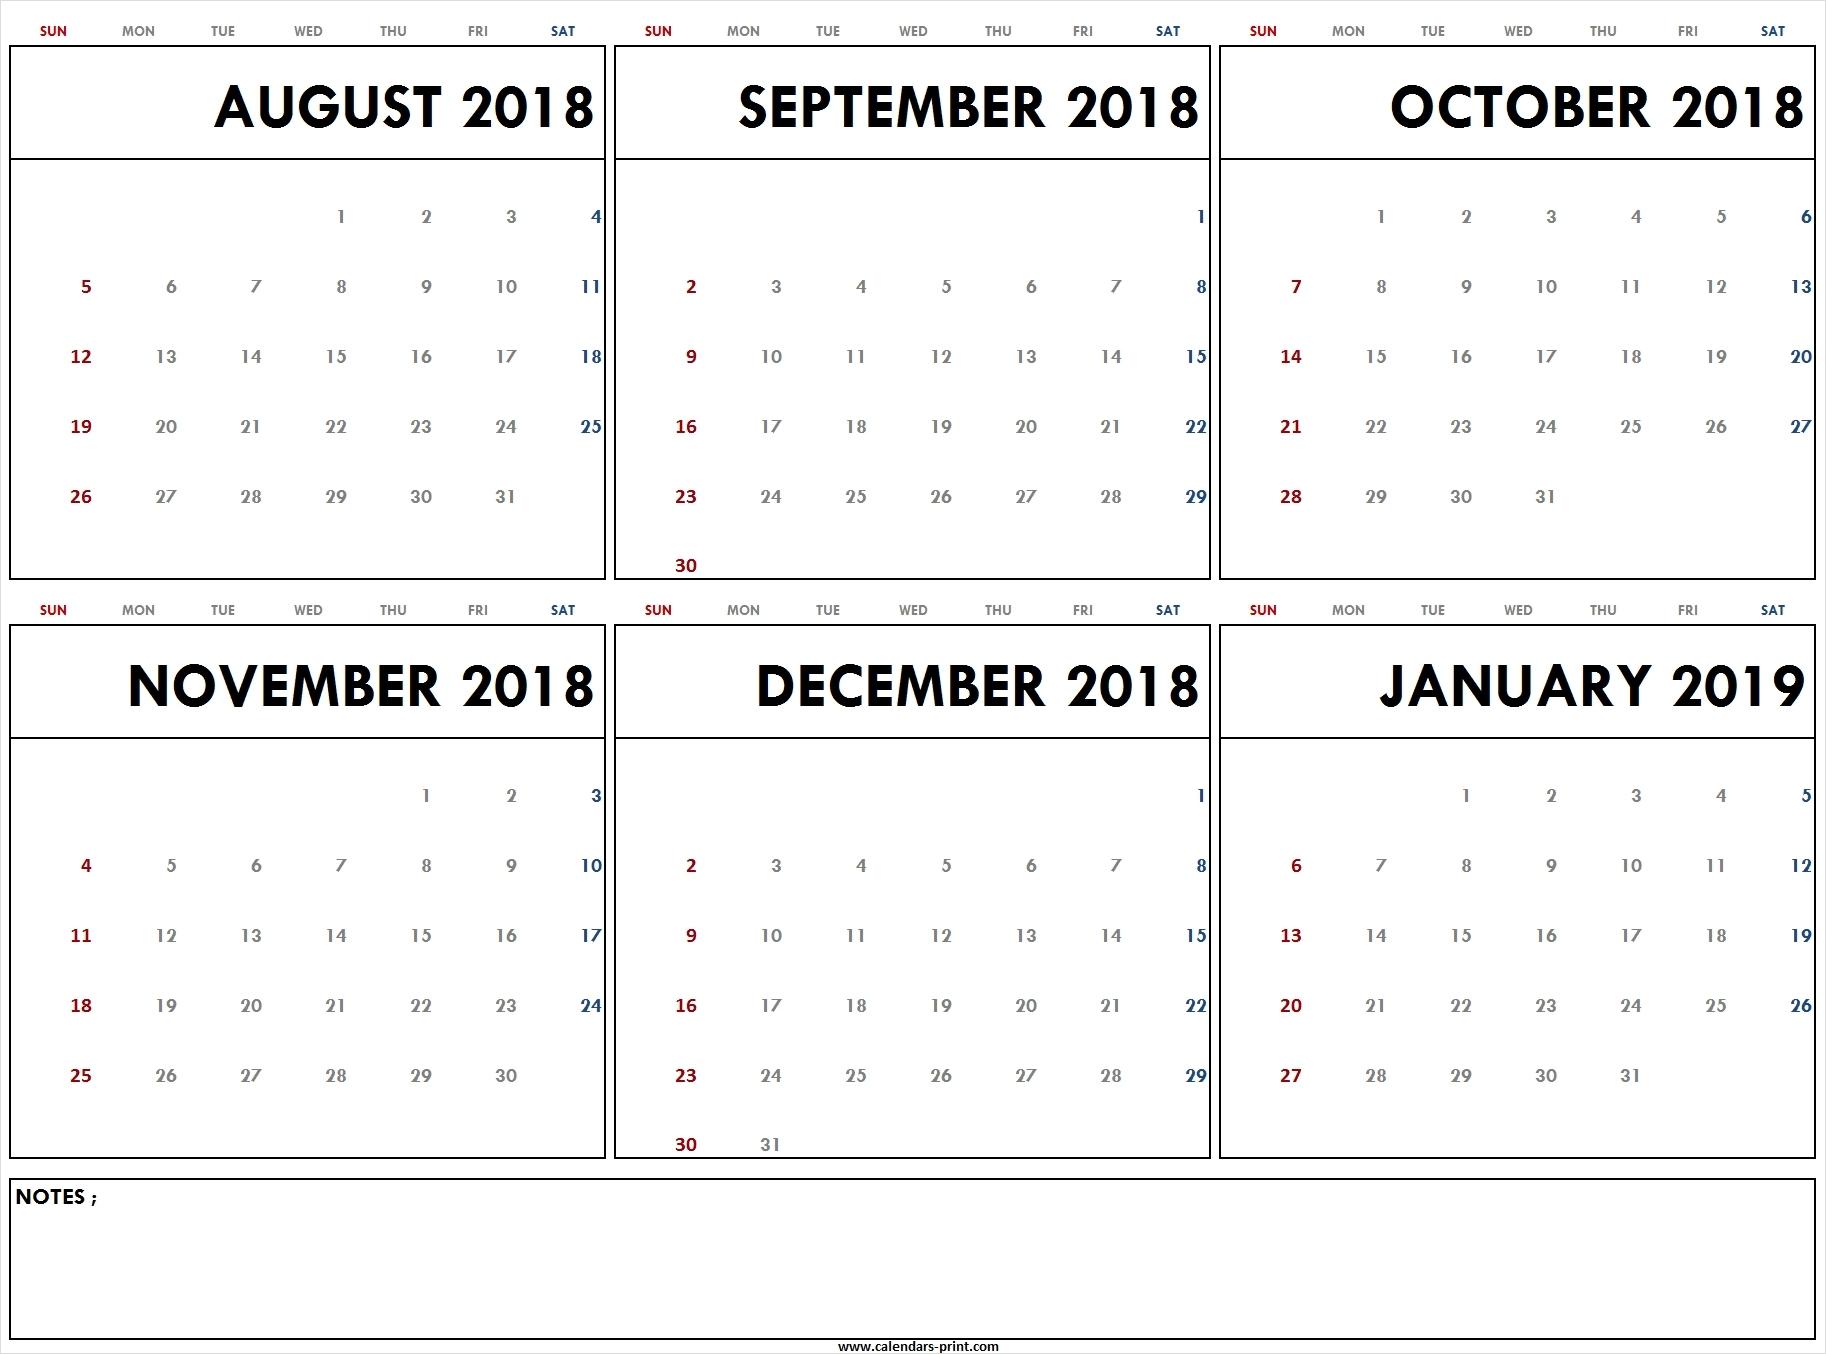 Dec 2019 Jan 2019 Calendar | Kostilka intended for Calendar Images From Jan To Dec